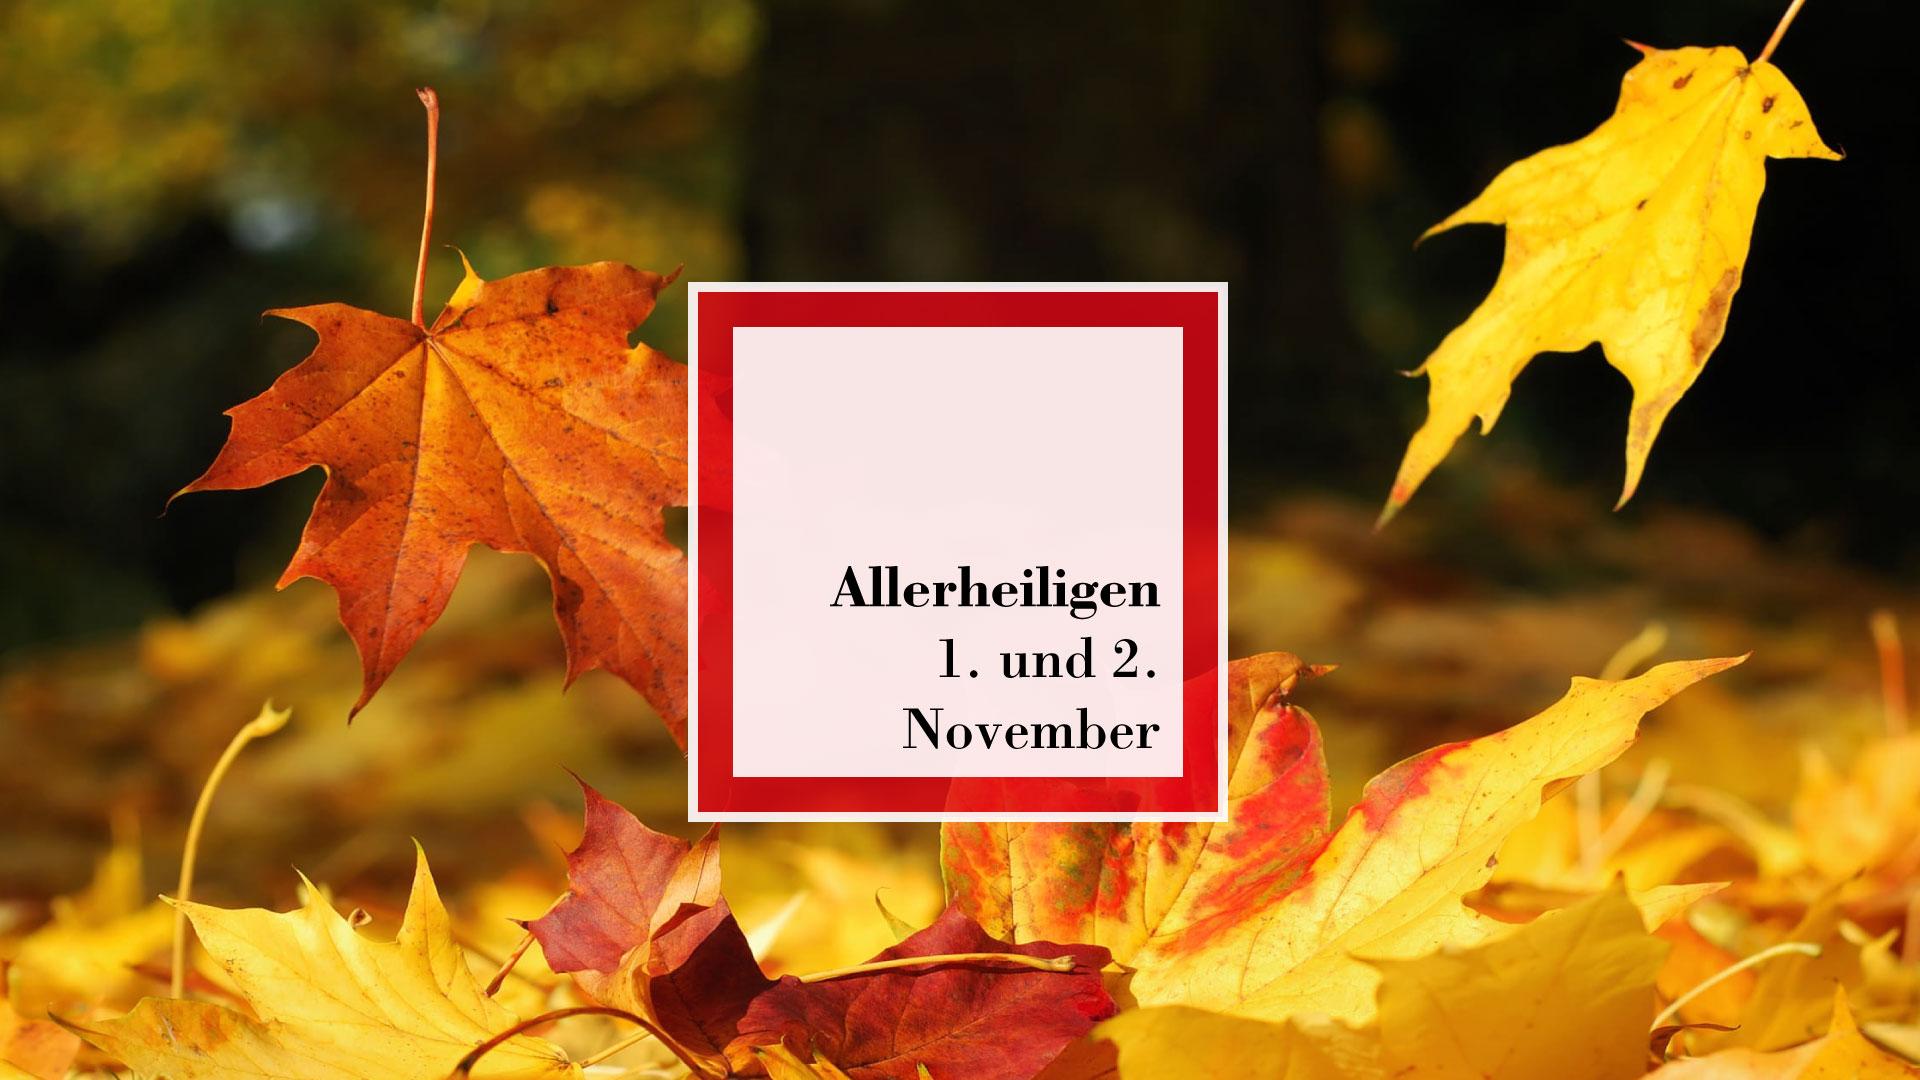 ALLERHEILIGEN – 1. und 2. November